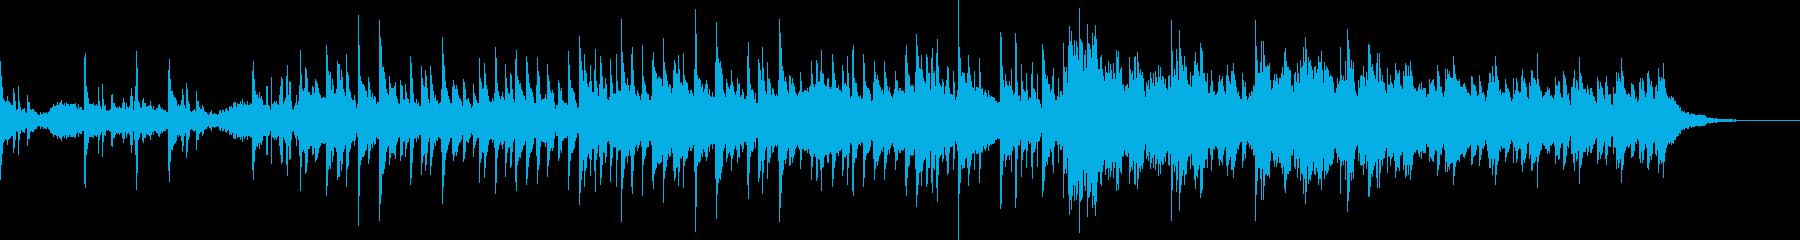 切ない感情を描写するピアノの再生済みの波形